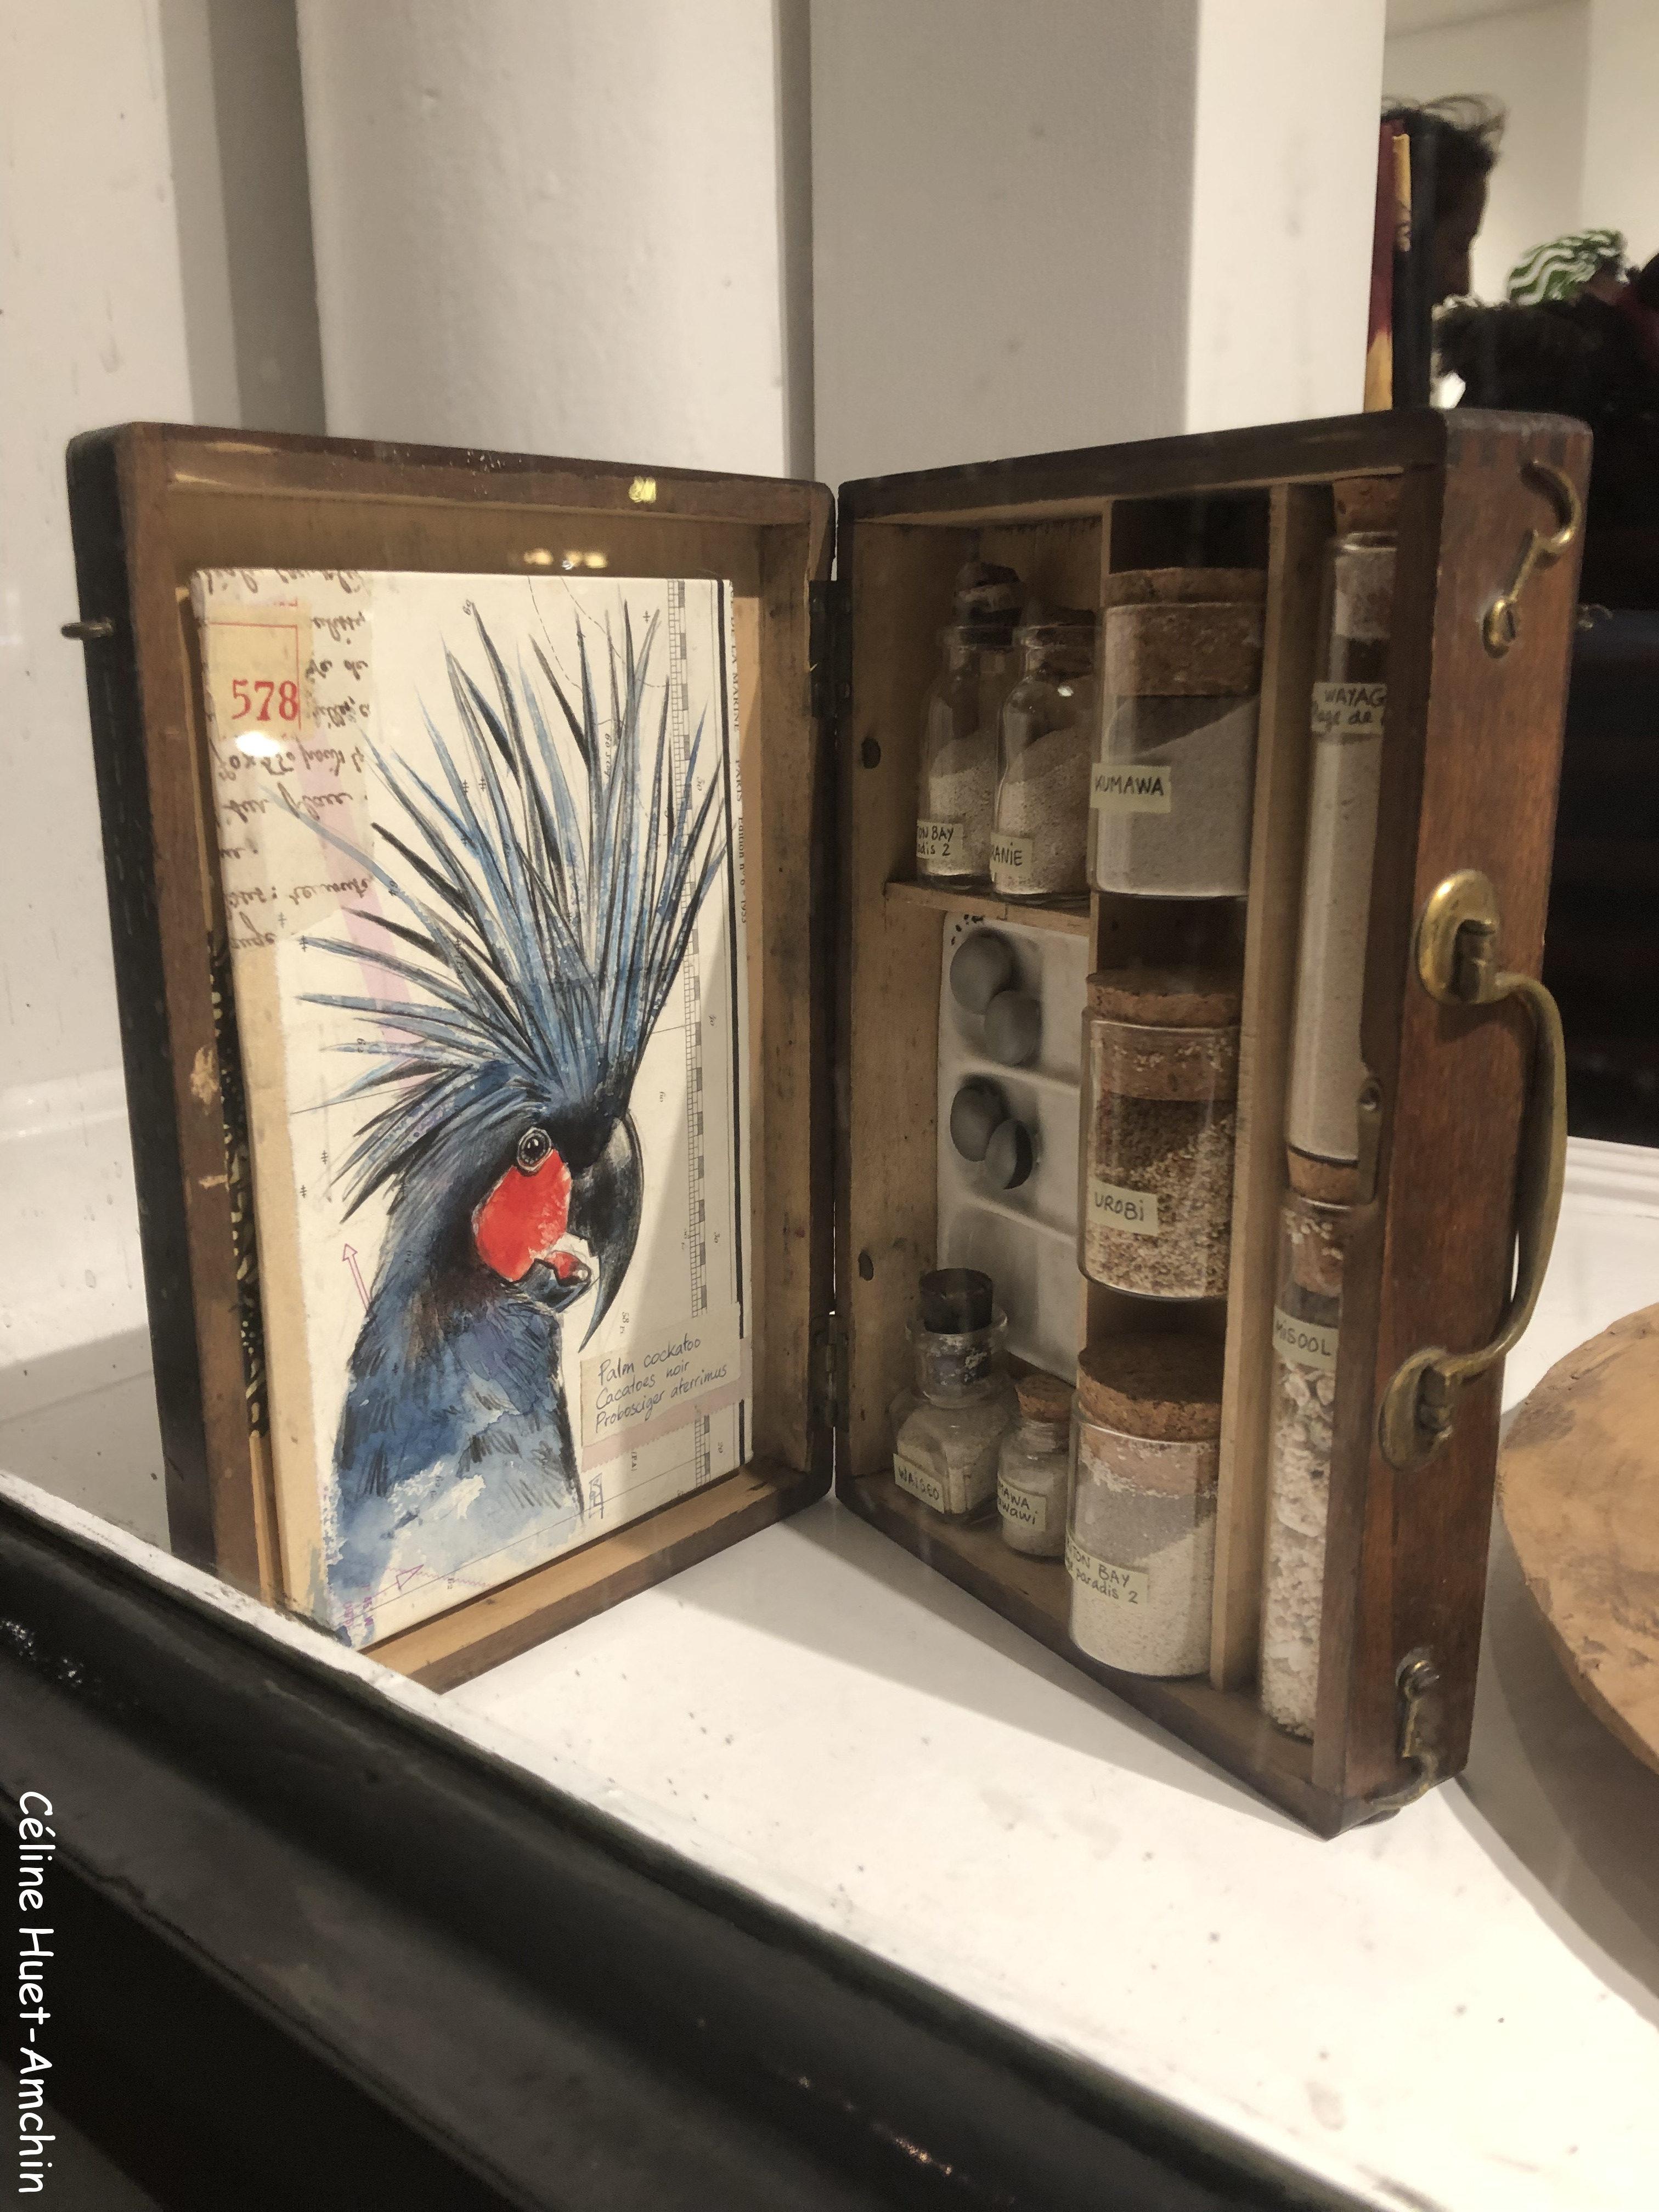 Exposition Djenkafo Stéphanie Ledoux Maud Villaret Toubab Paris Espace Beaurepaire Paris